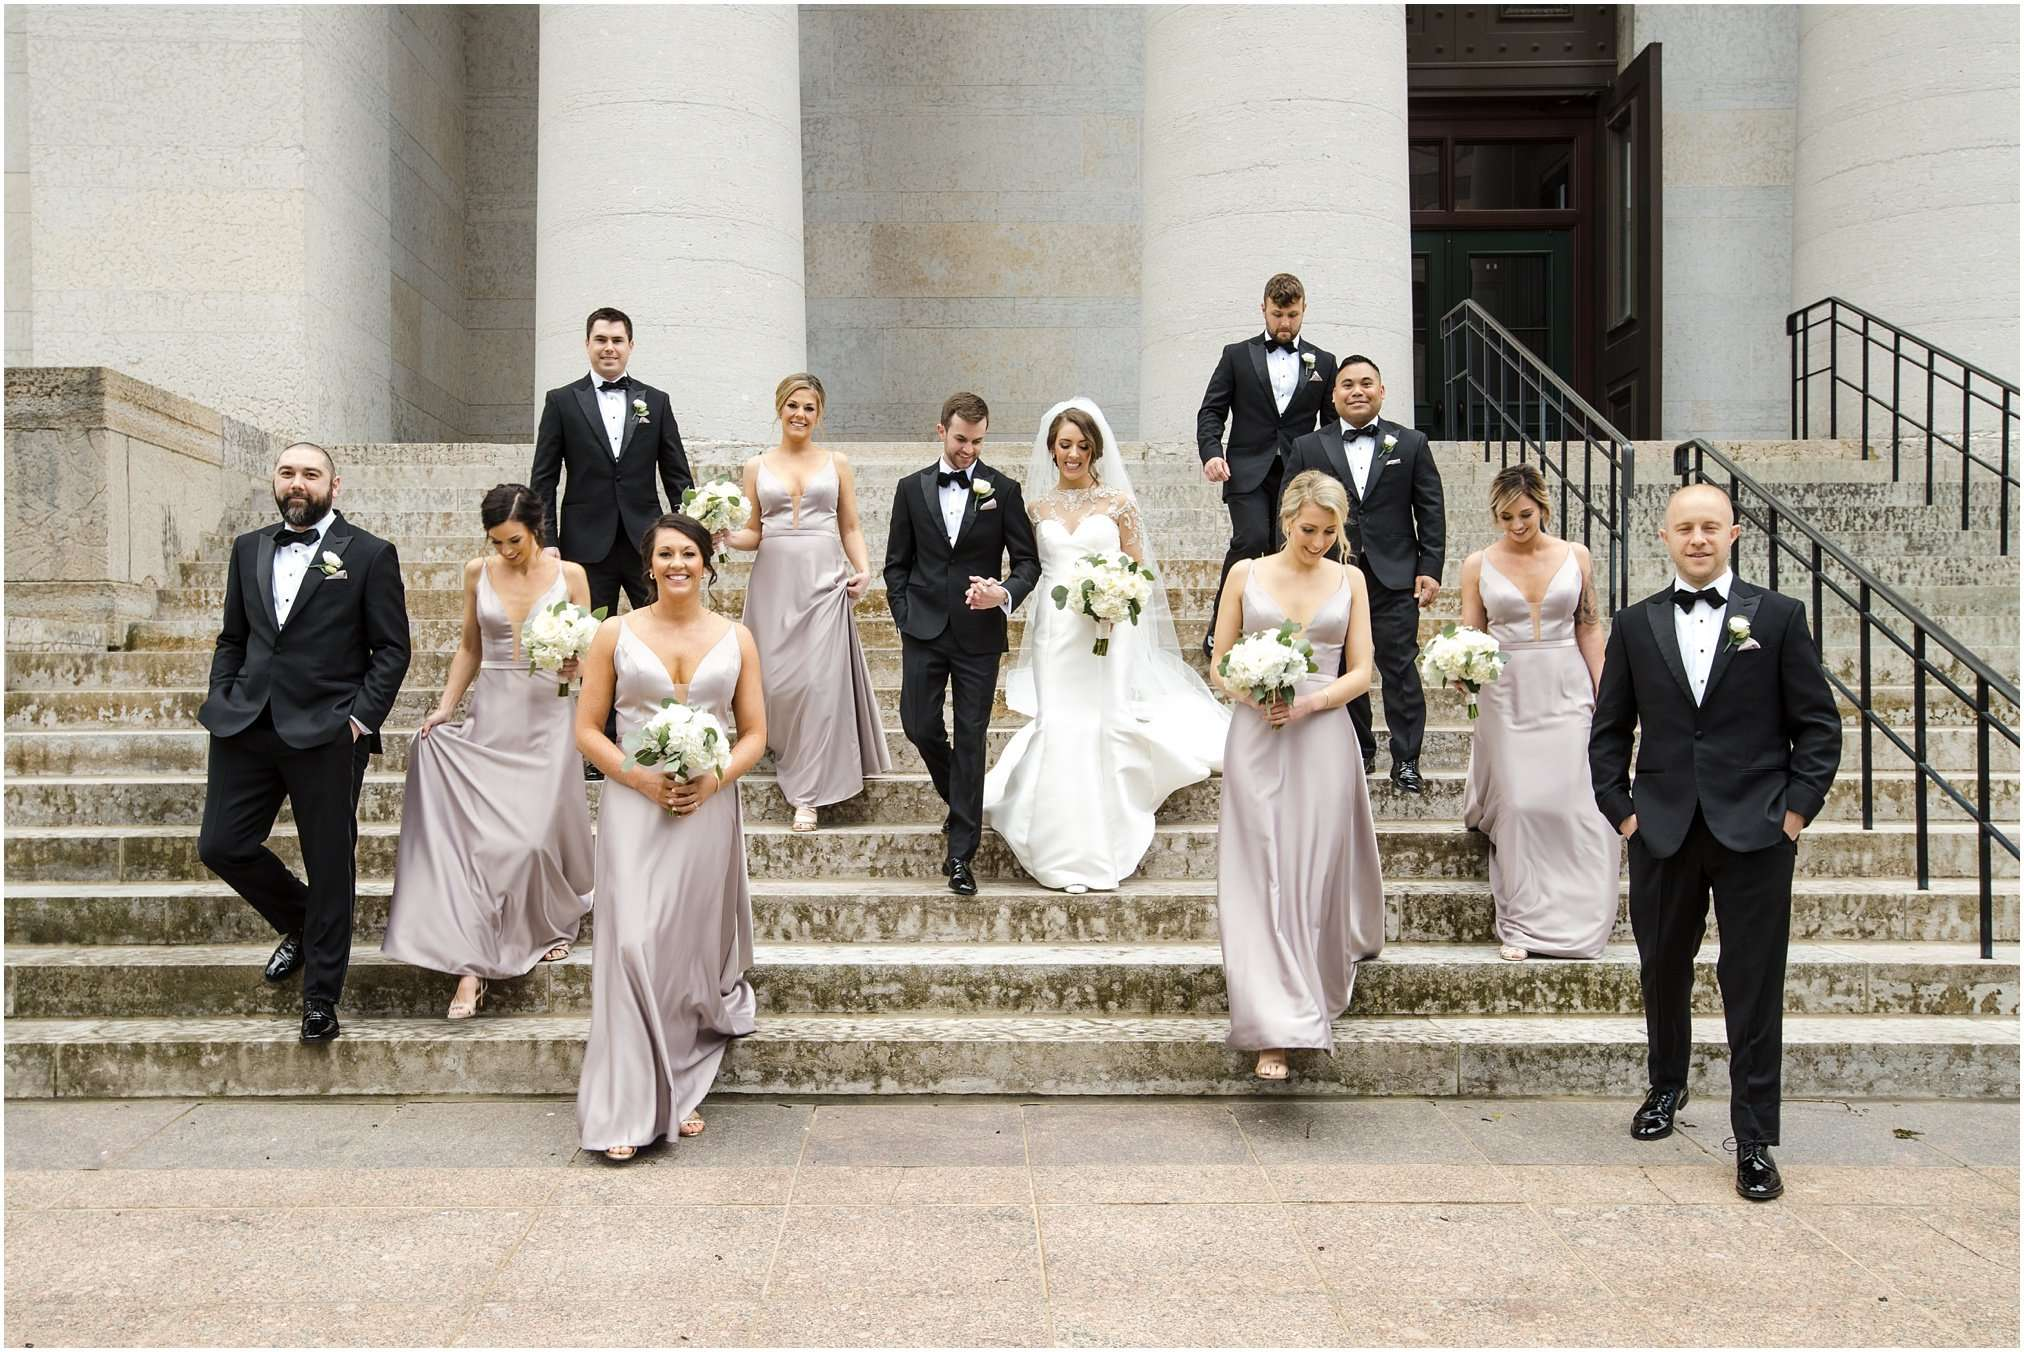 Spring Wedding at the Ohio Statehouse | Columbus Ohio Photography 76